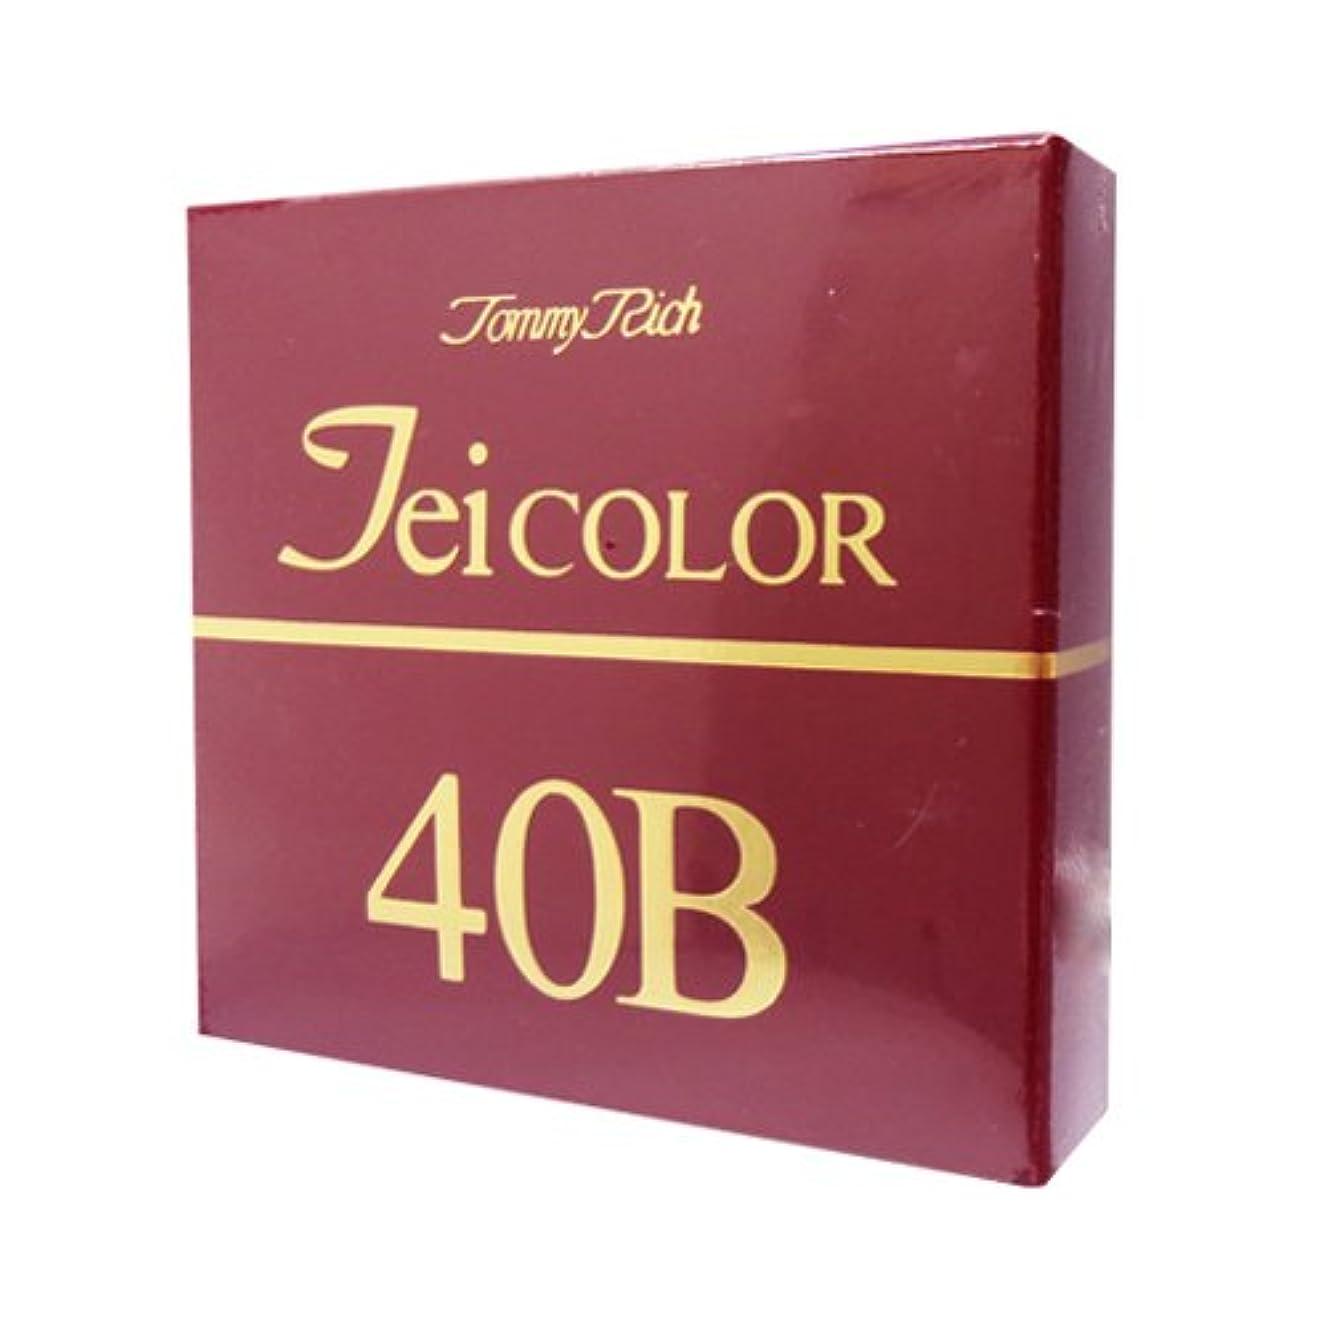 並外れて三角形受け入れるトミーリッチ TEIカラー 40B(色白肌用)